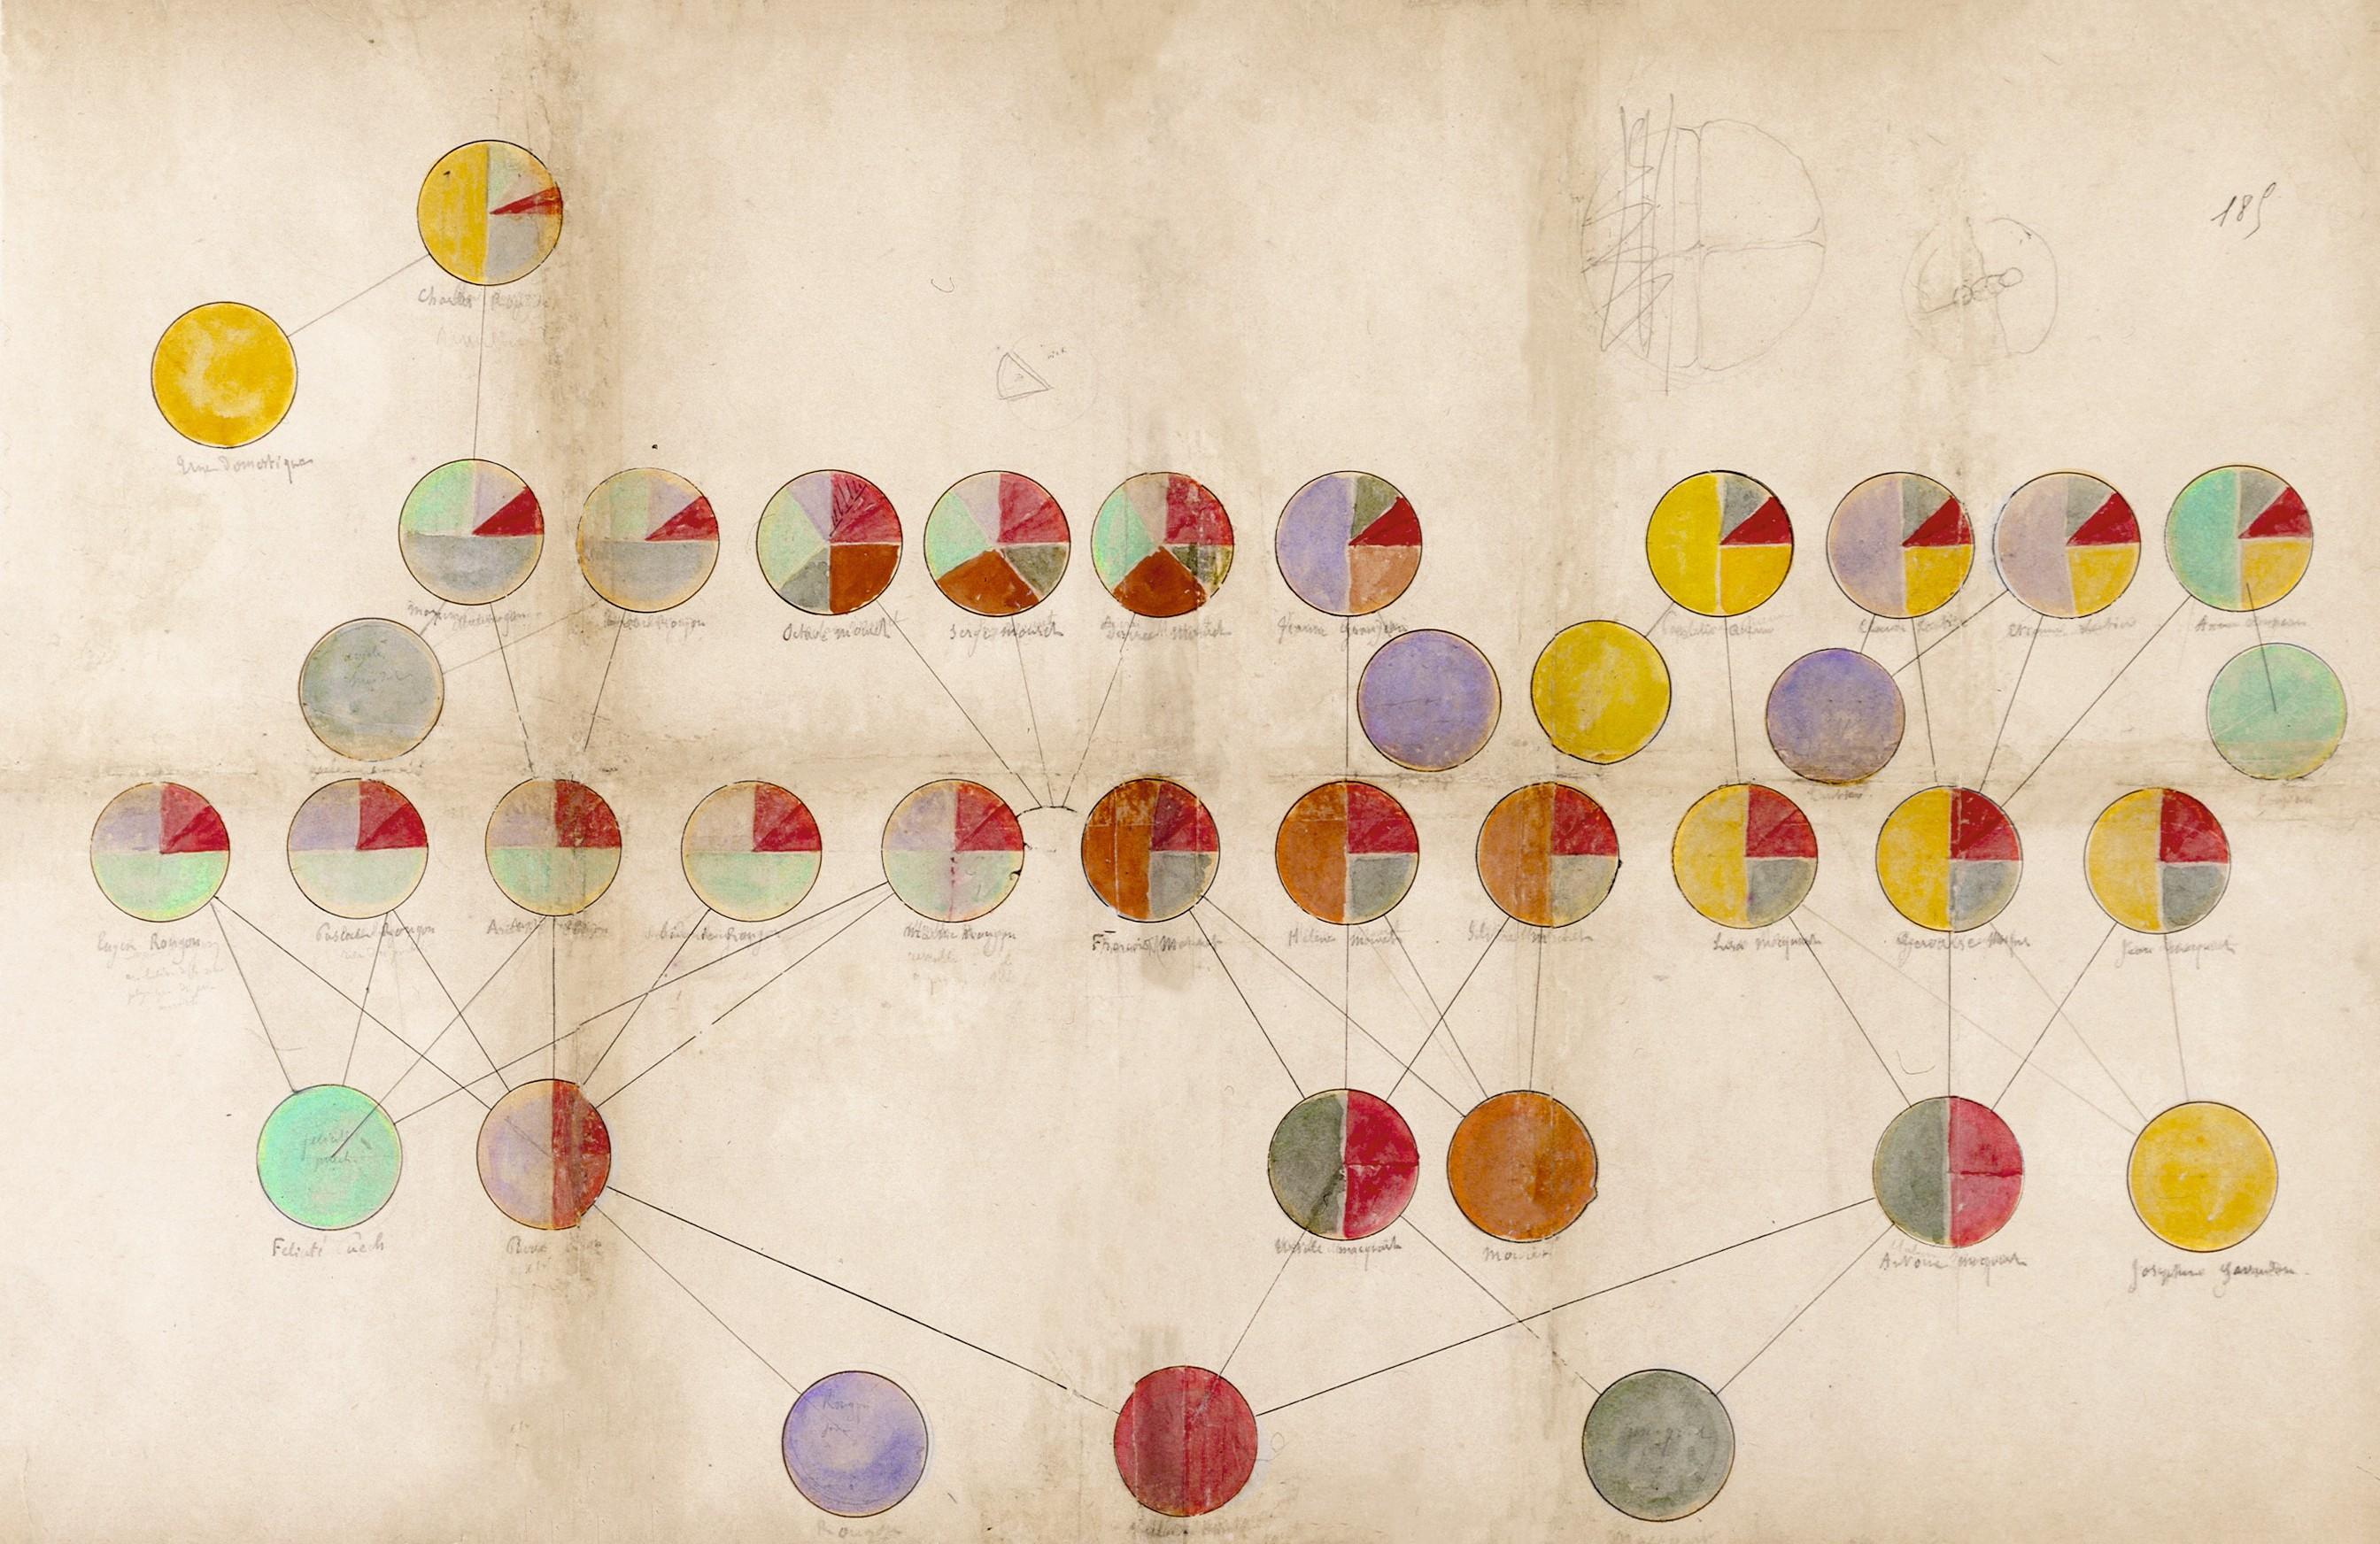 Émile Zola, répartition des influences héréditaires pour chaque personnage, manuscrit autographe, BnF, Paris.